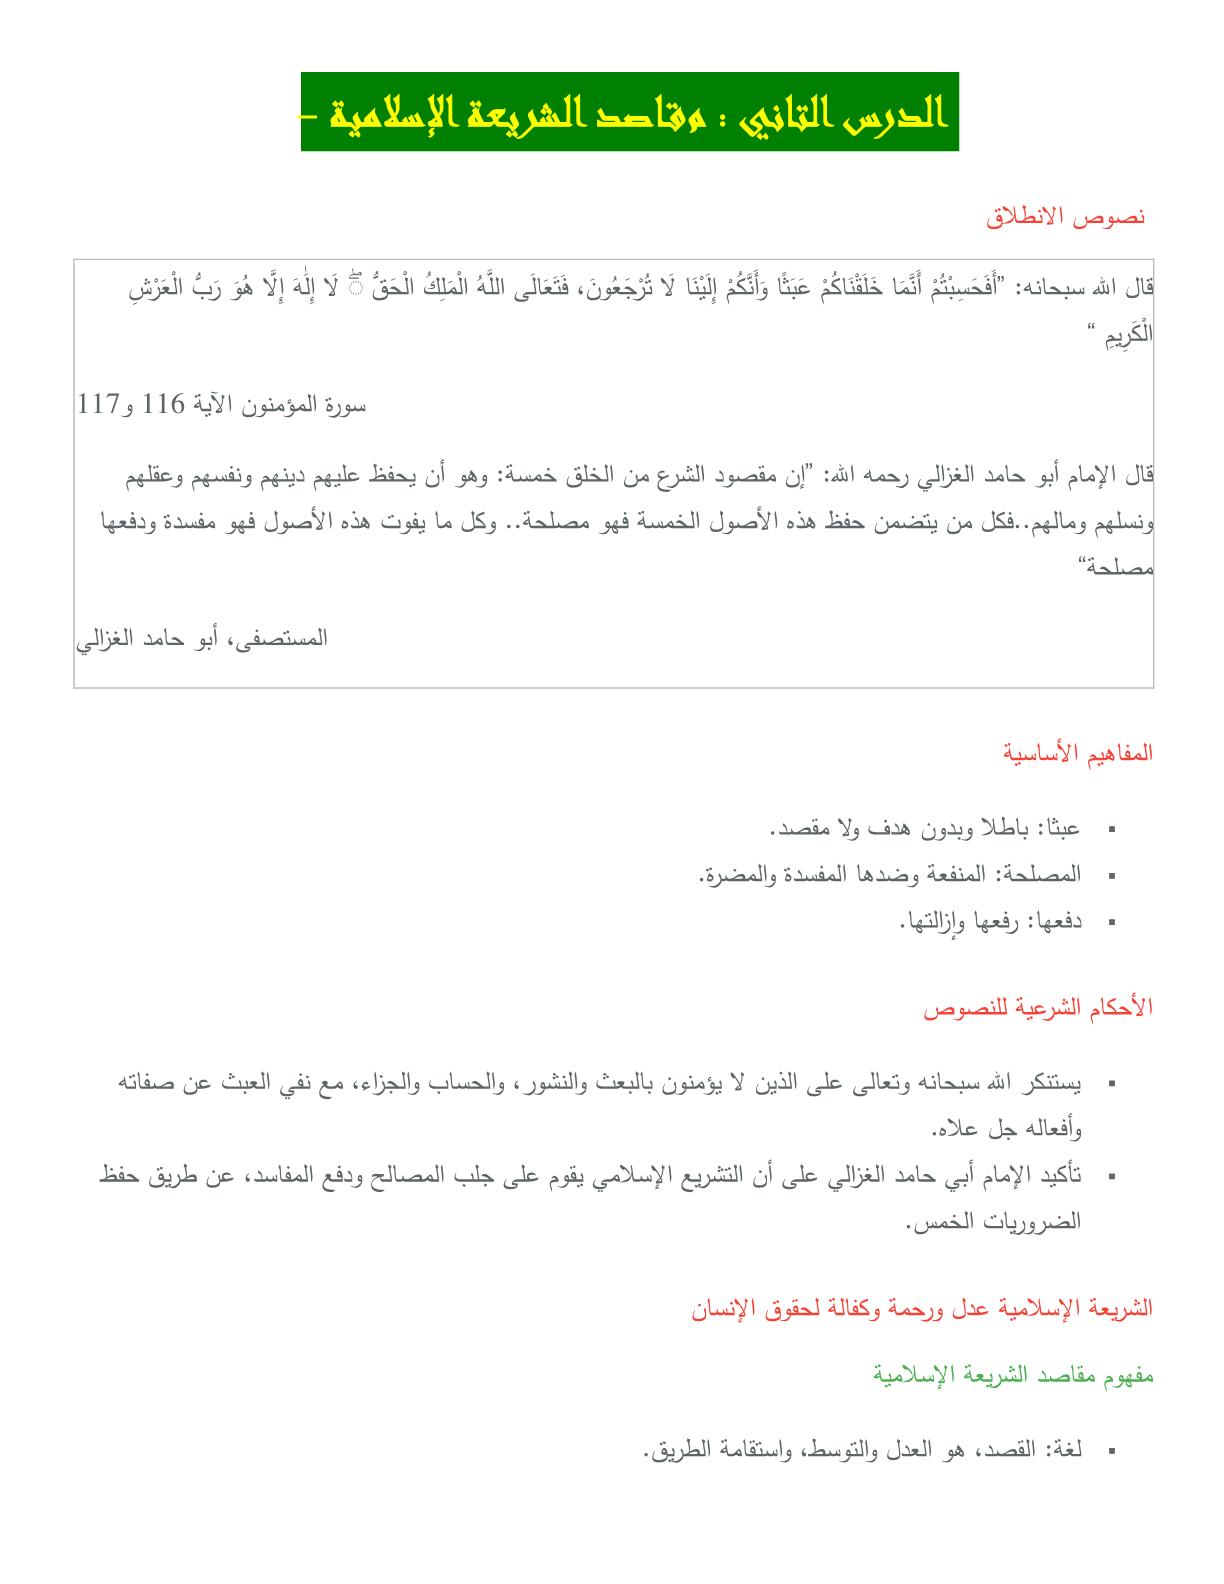 درس مقاصد للشريعة الإسلامية للسنة الثانية بكالوريا